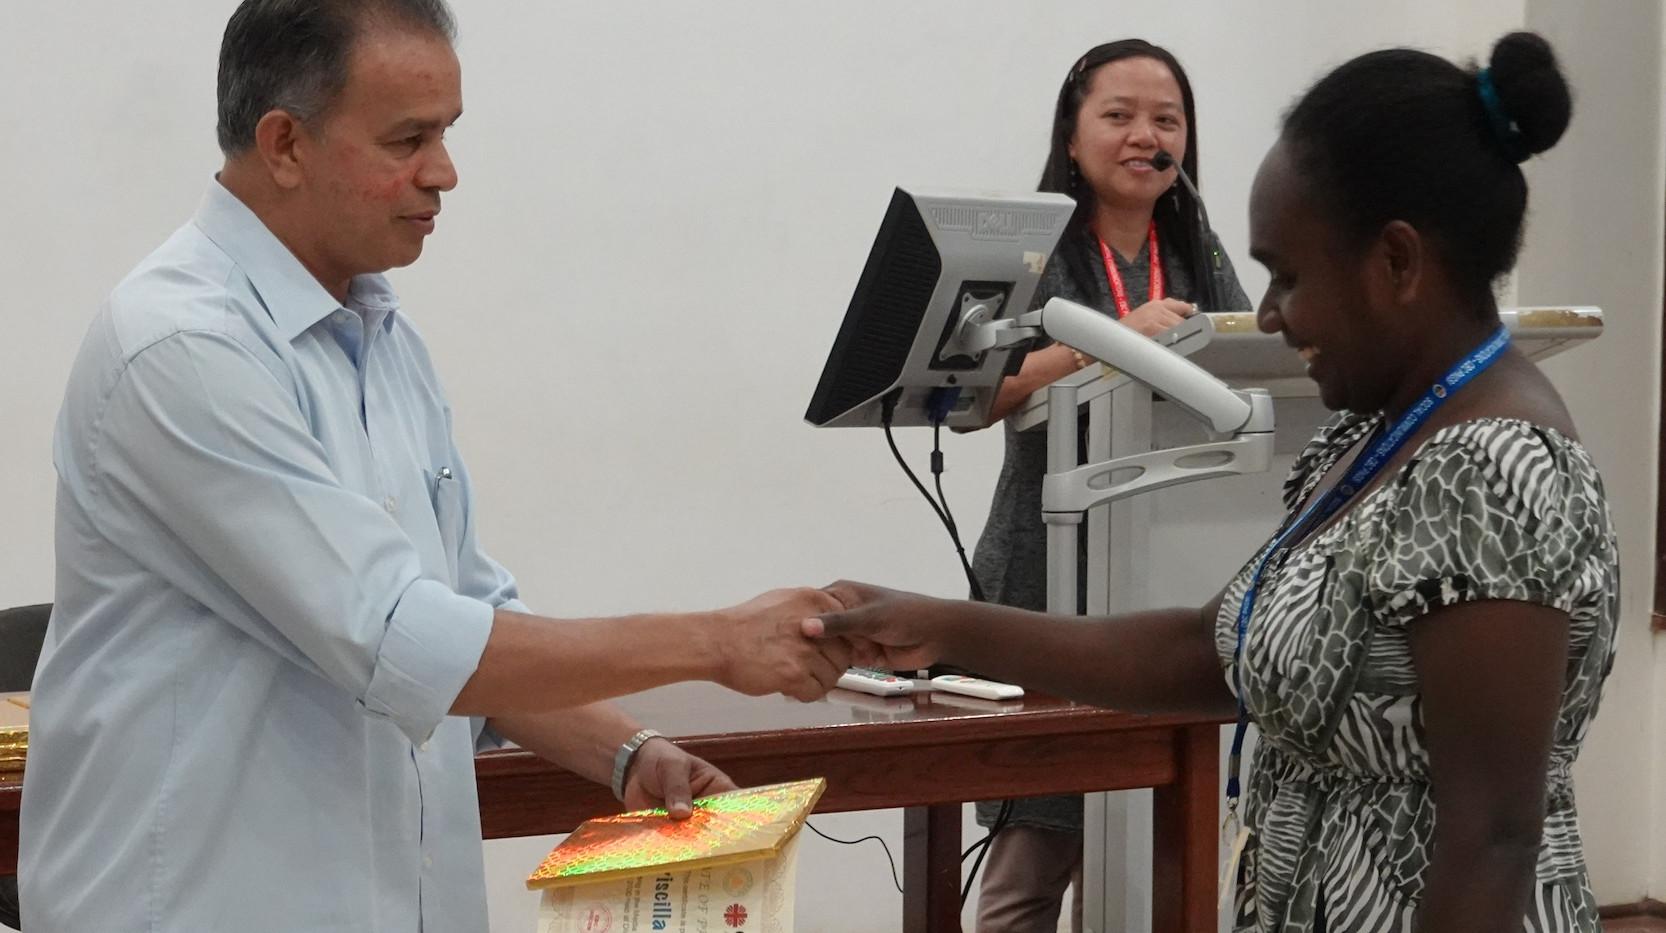 1 Presentation - Pricilla Ragu receiving